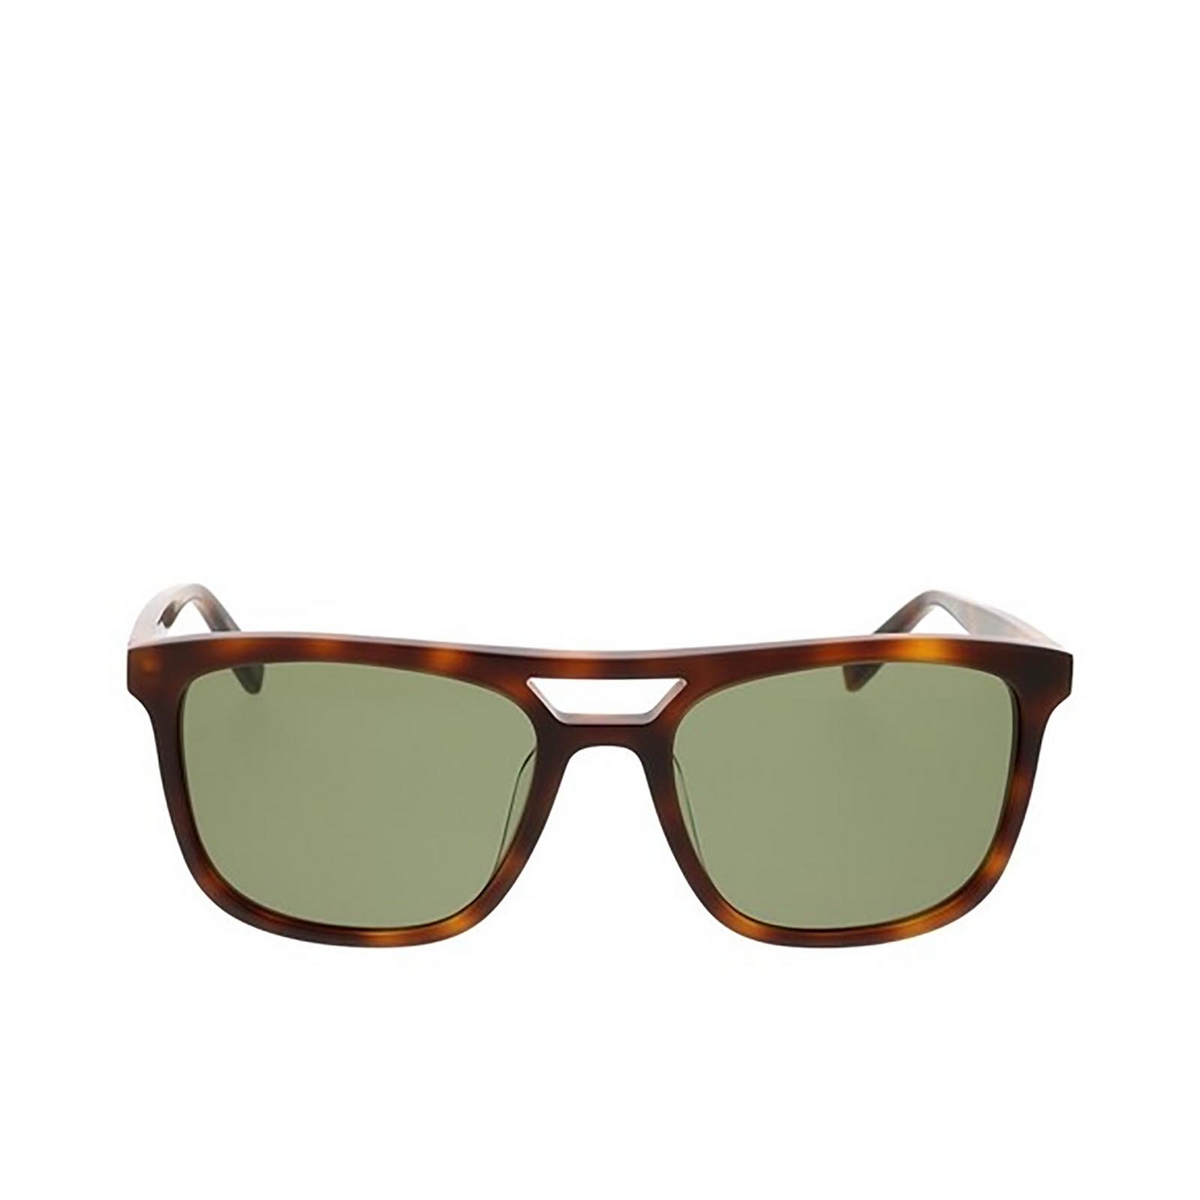 Saint Laurent® Square Sunglasses: SL 455 color Havana 002 - front view.